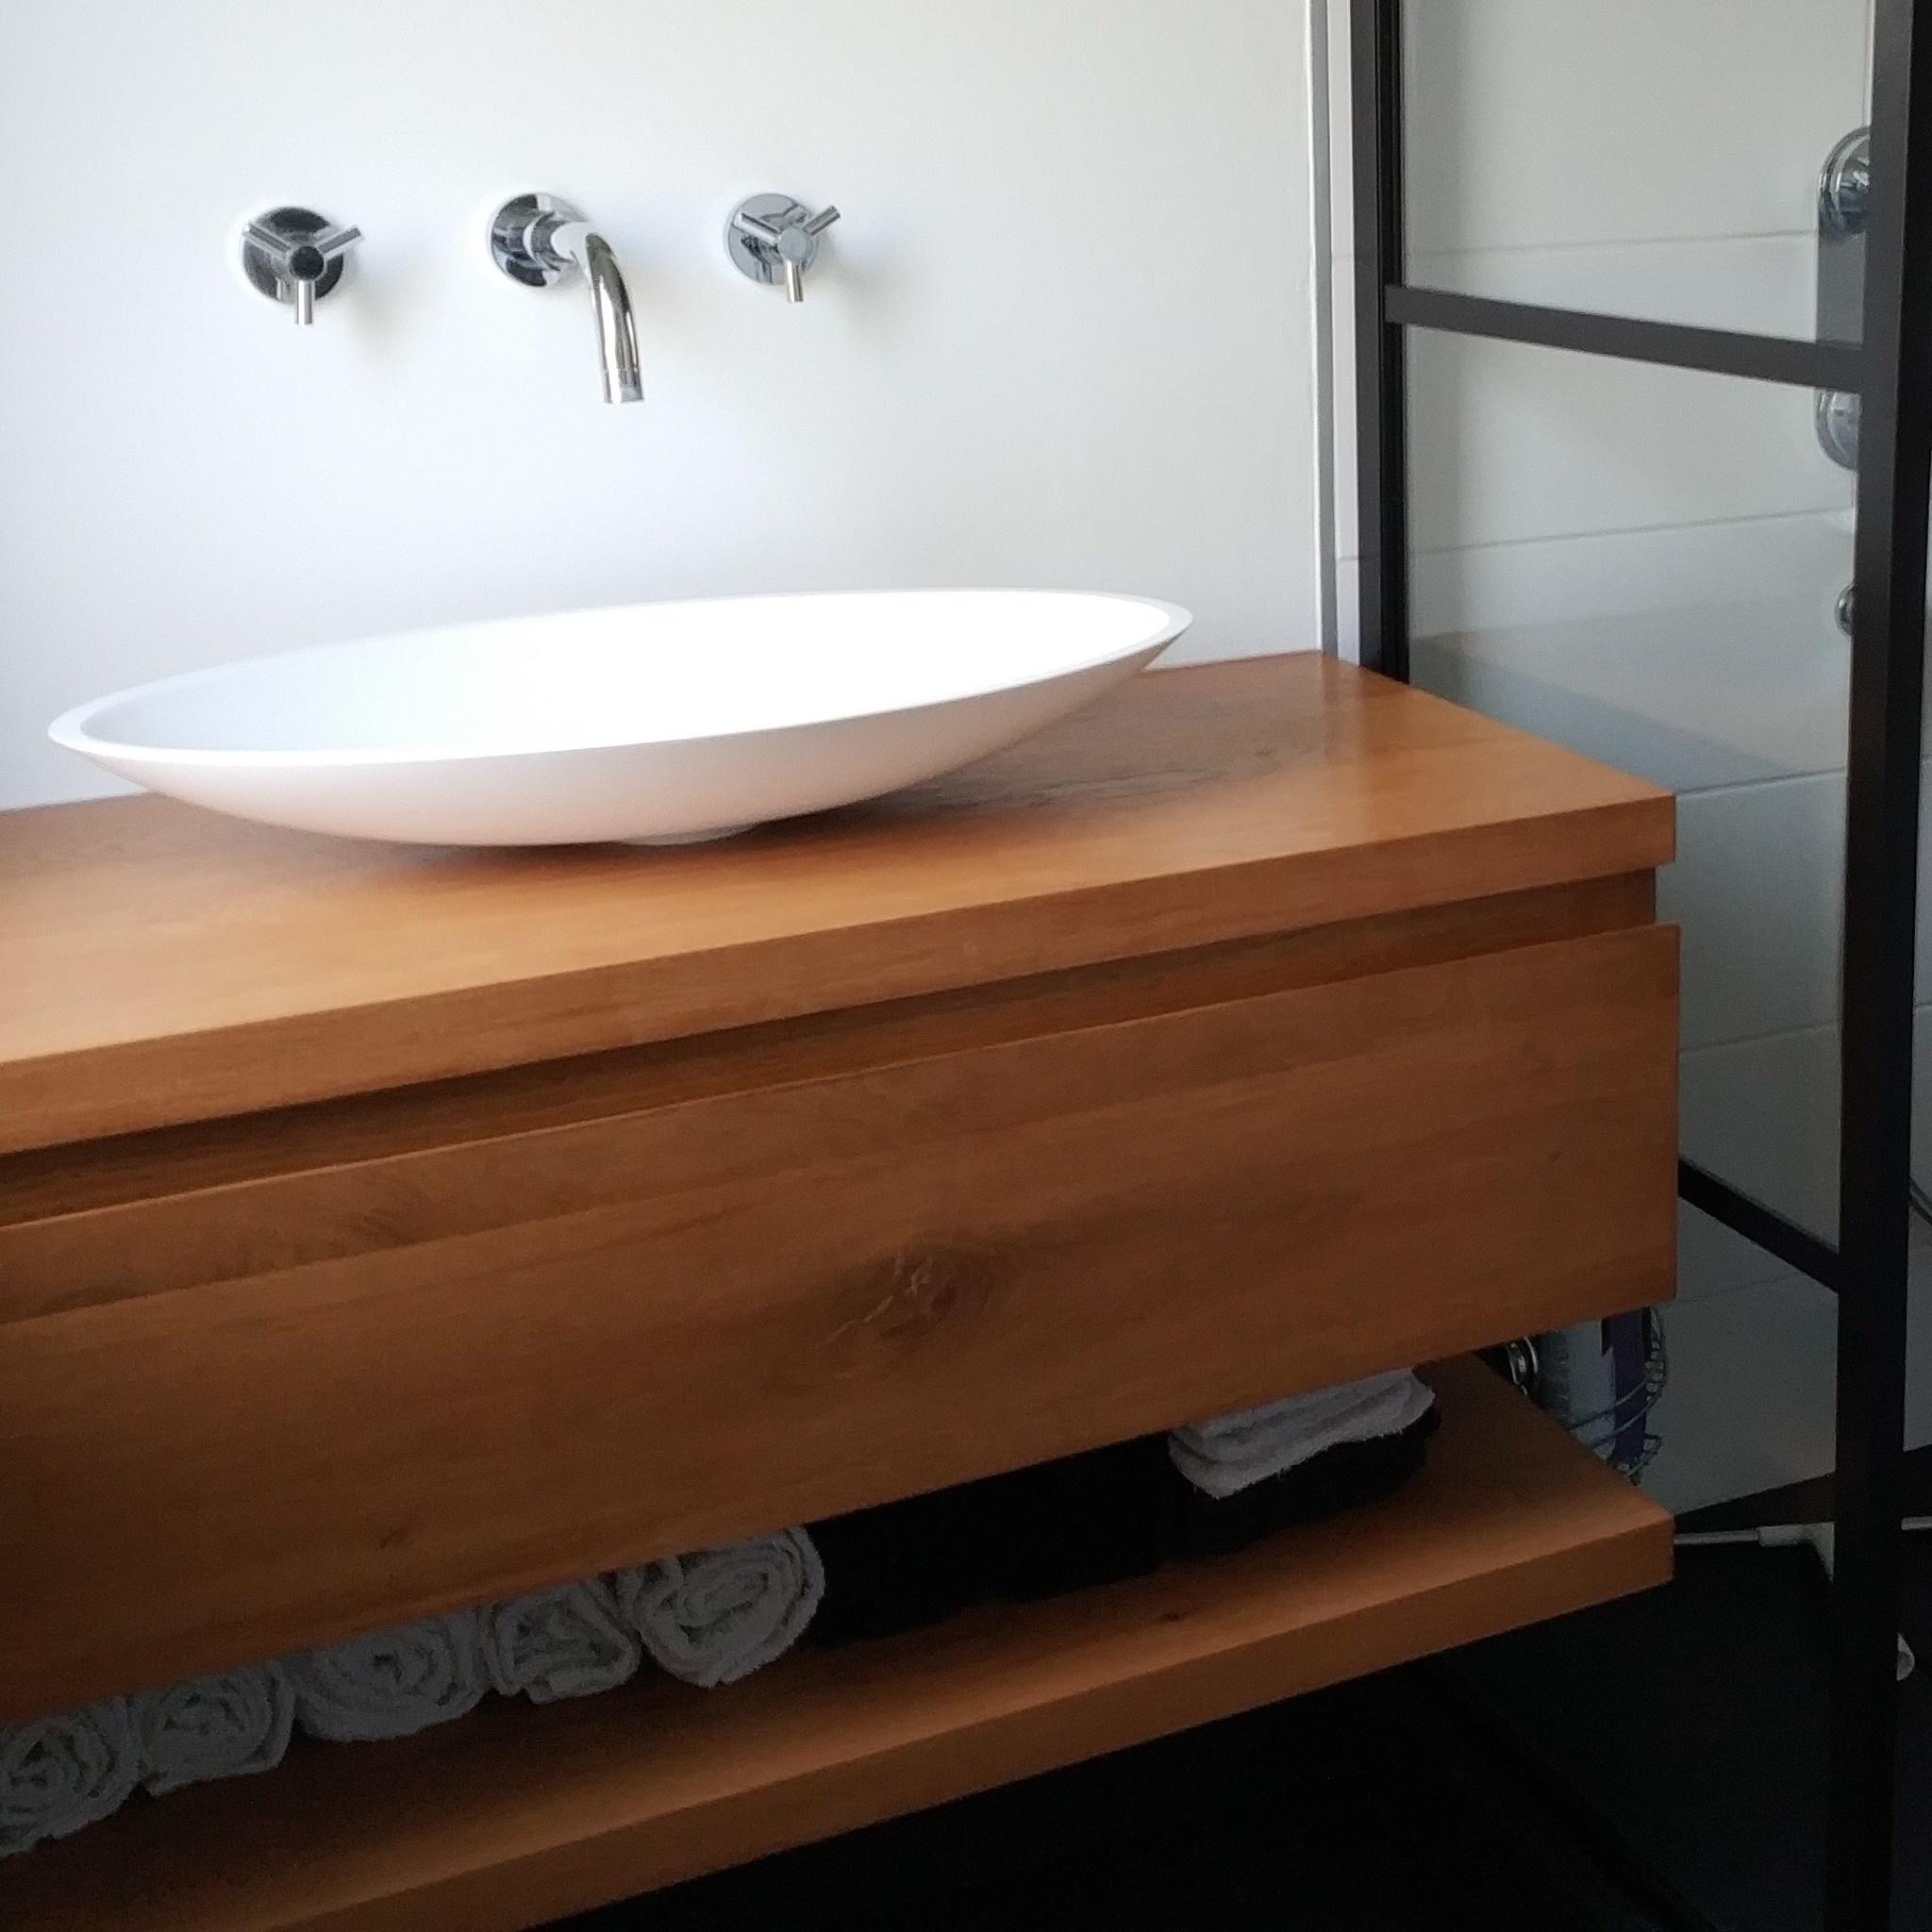 Waschtischplatte Eiche mit Loch / Löchern   nach Maß   20 cm dick  massivholz   Eichenholz rustikal   Eichen Waschtisch / Waschbecken  Unterschrank ...